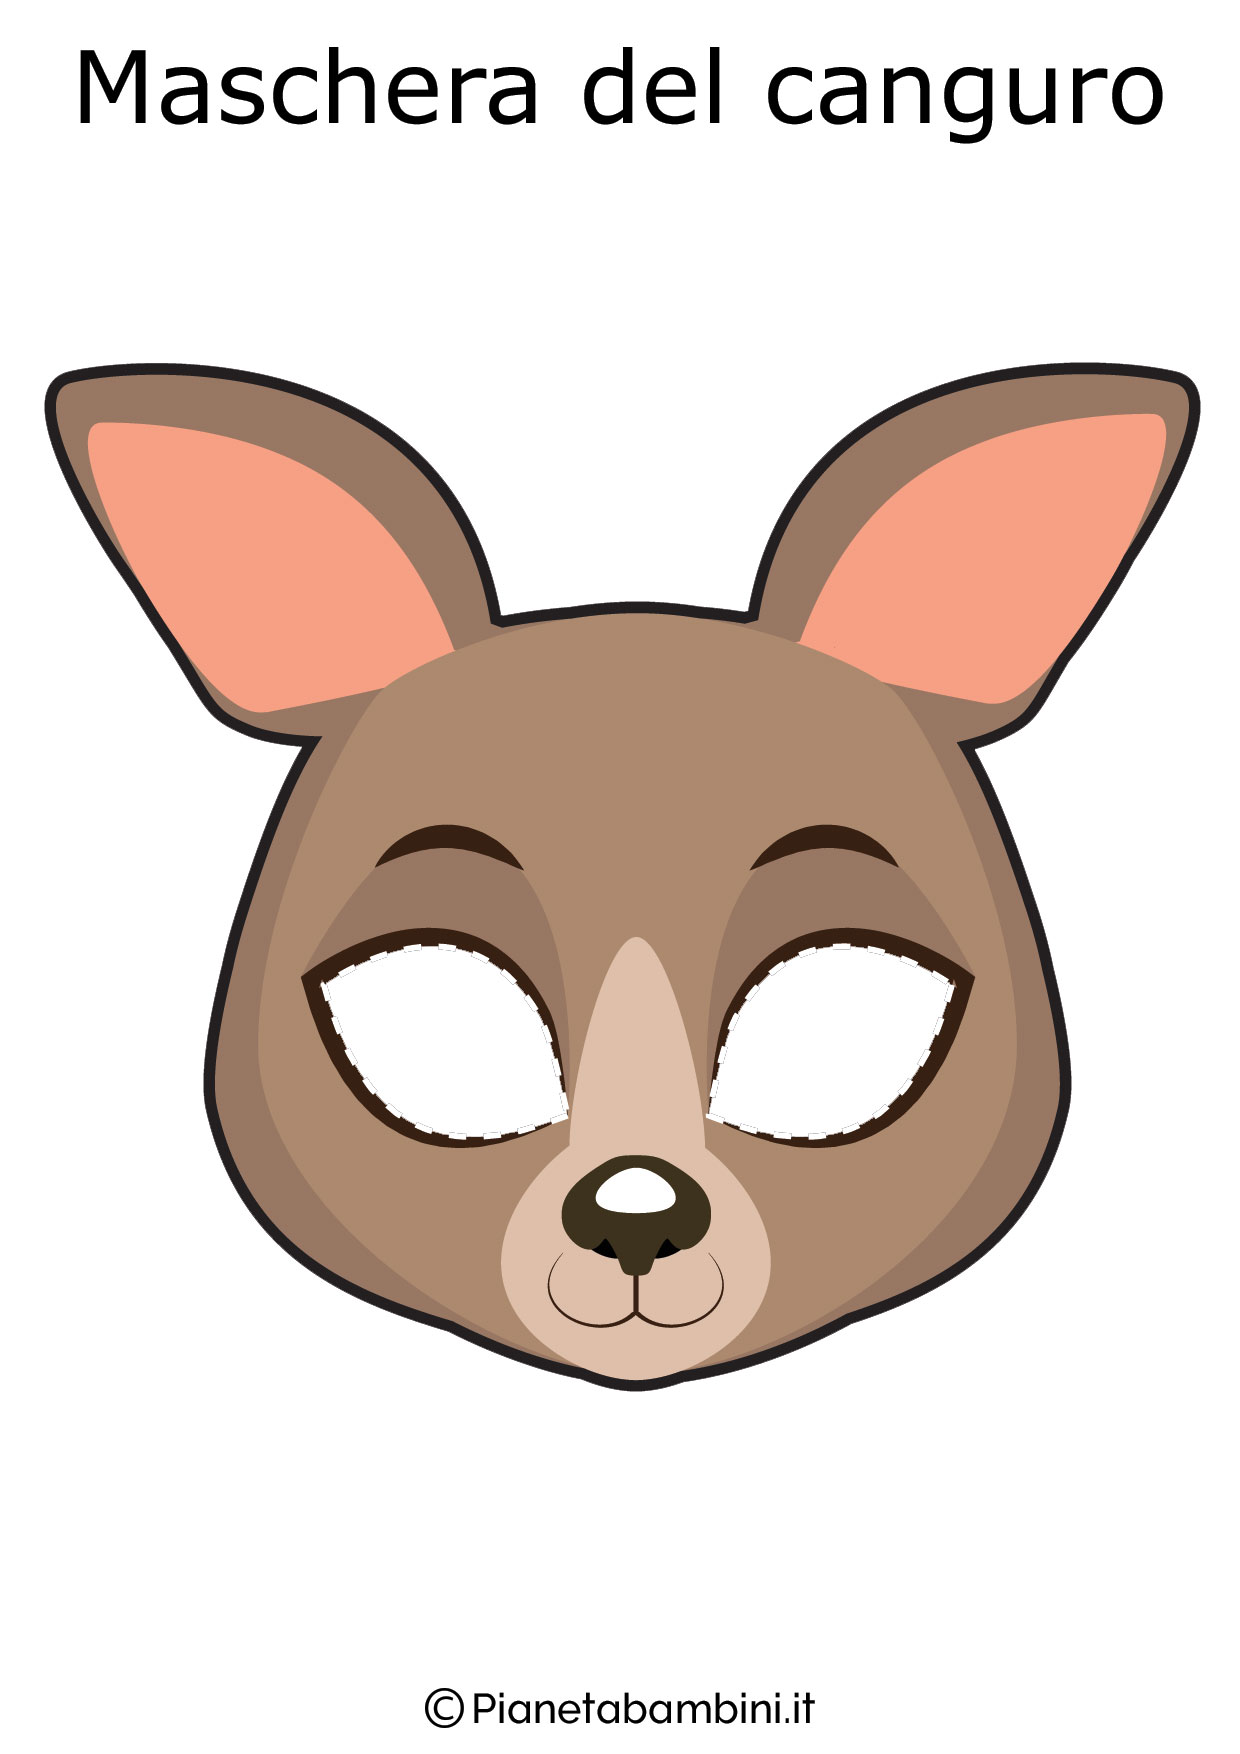 Maschera del canguro da ritagliare